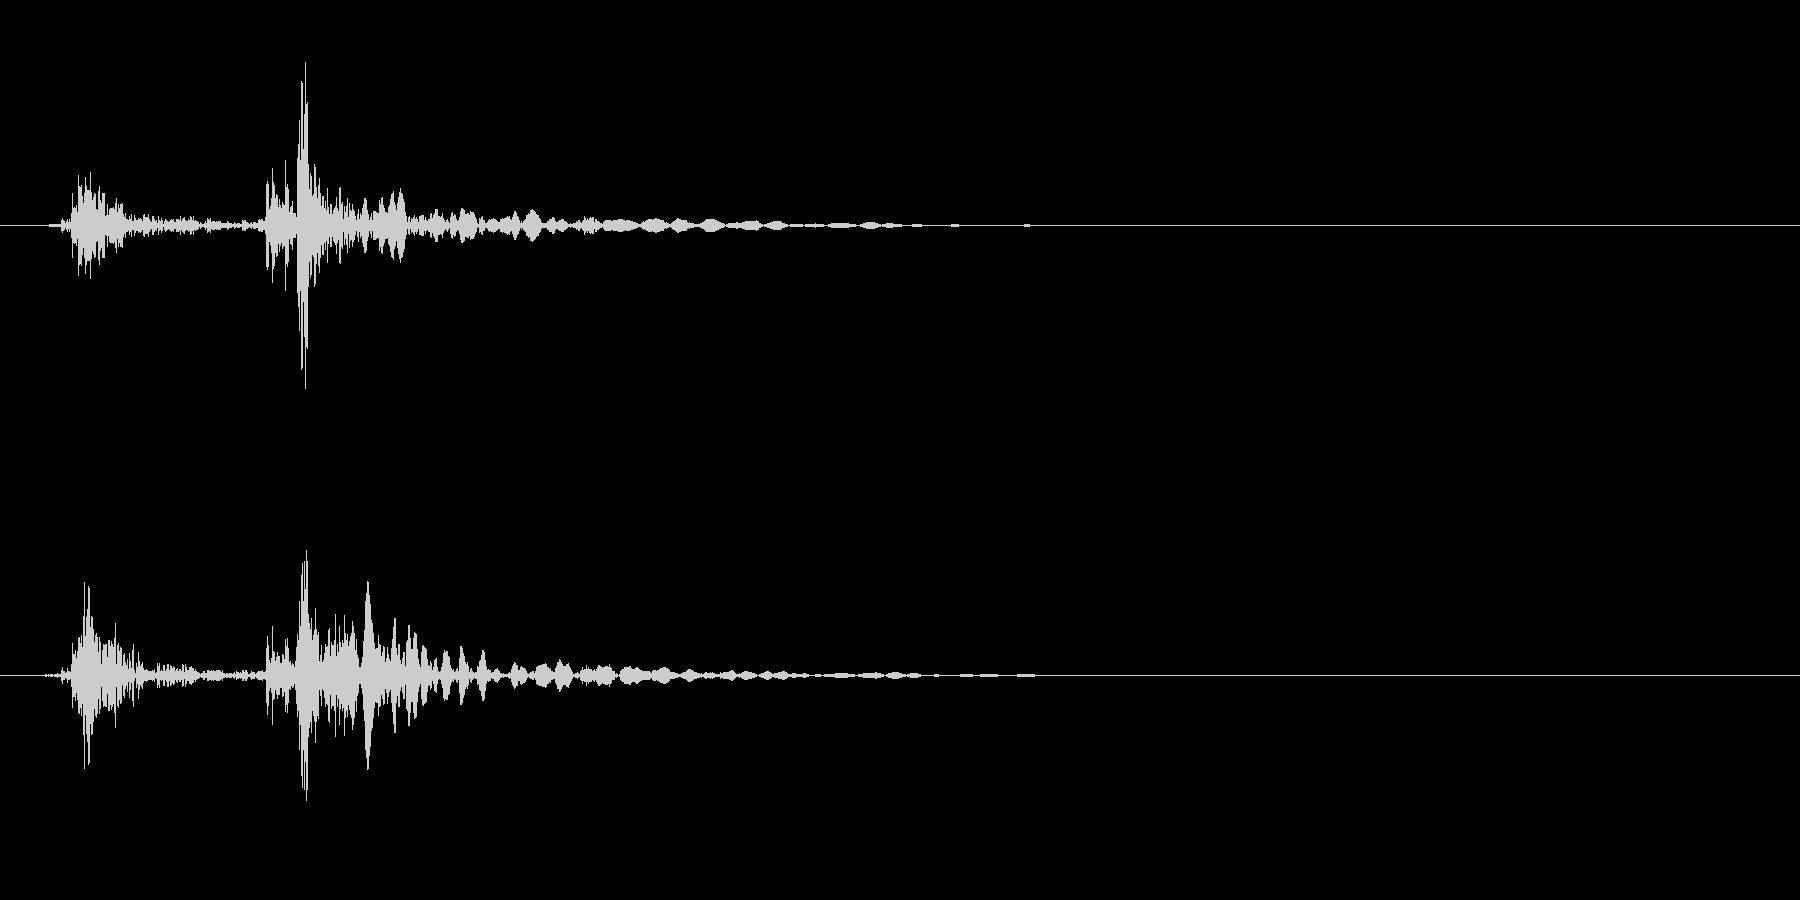 木製のドアを閉める音(エフェクト無し)の未再生の波形